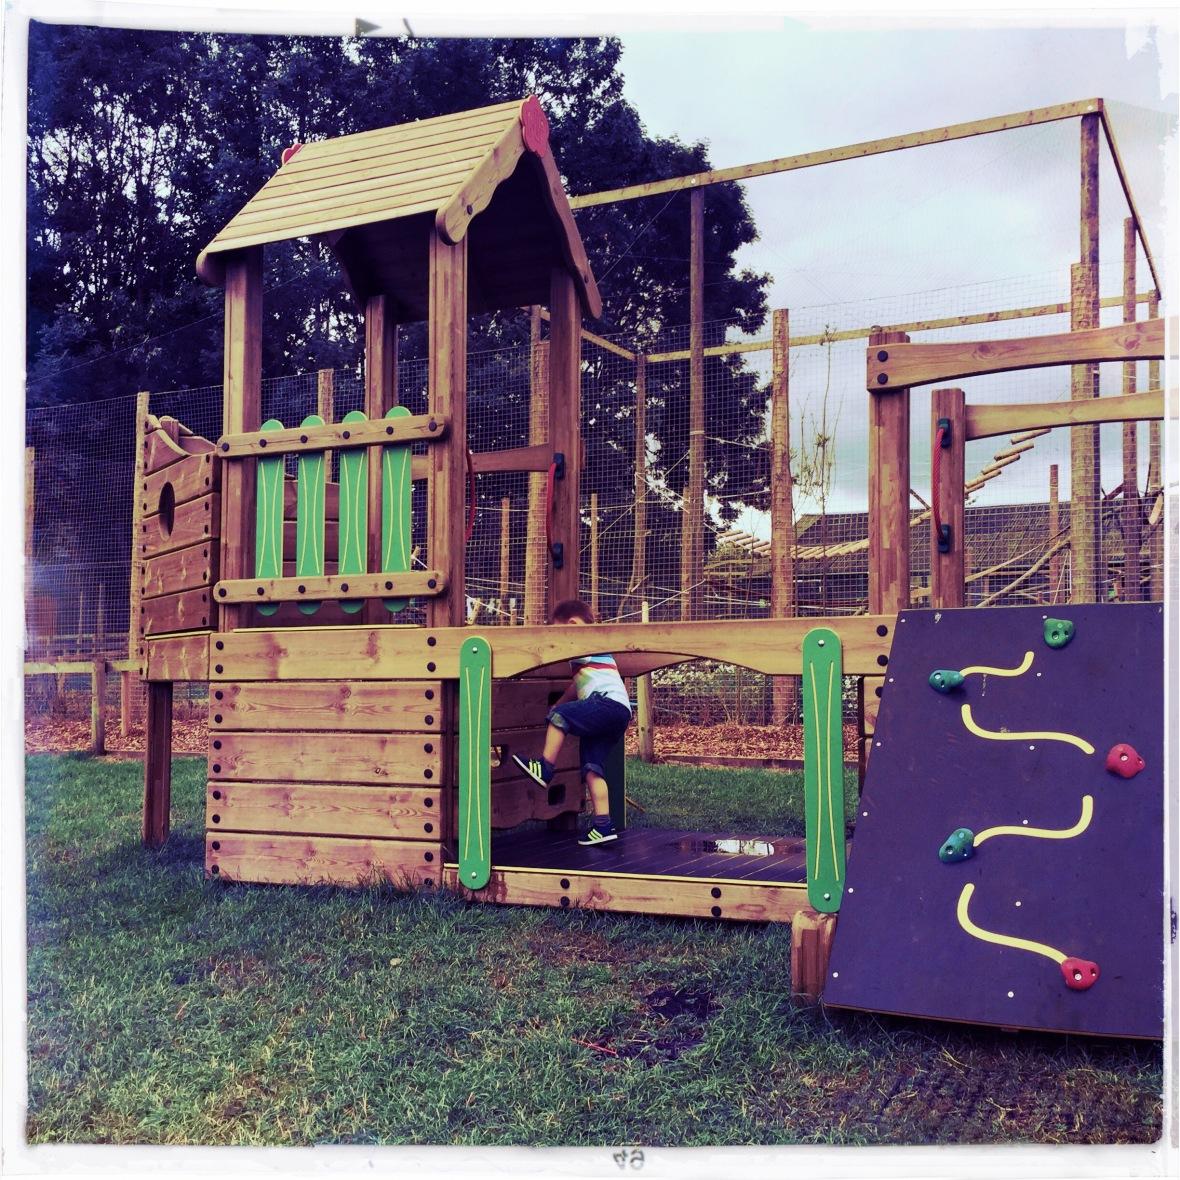 climbing frame & Cal (hipstamatic)